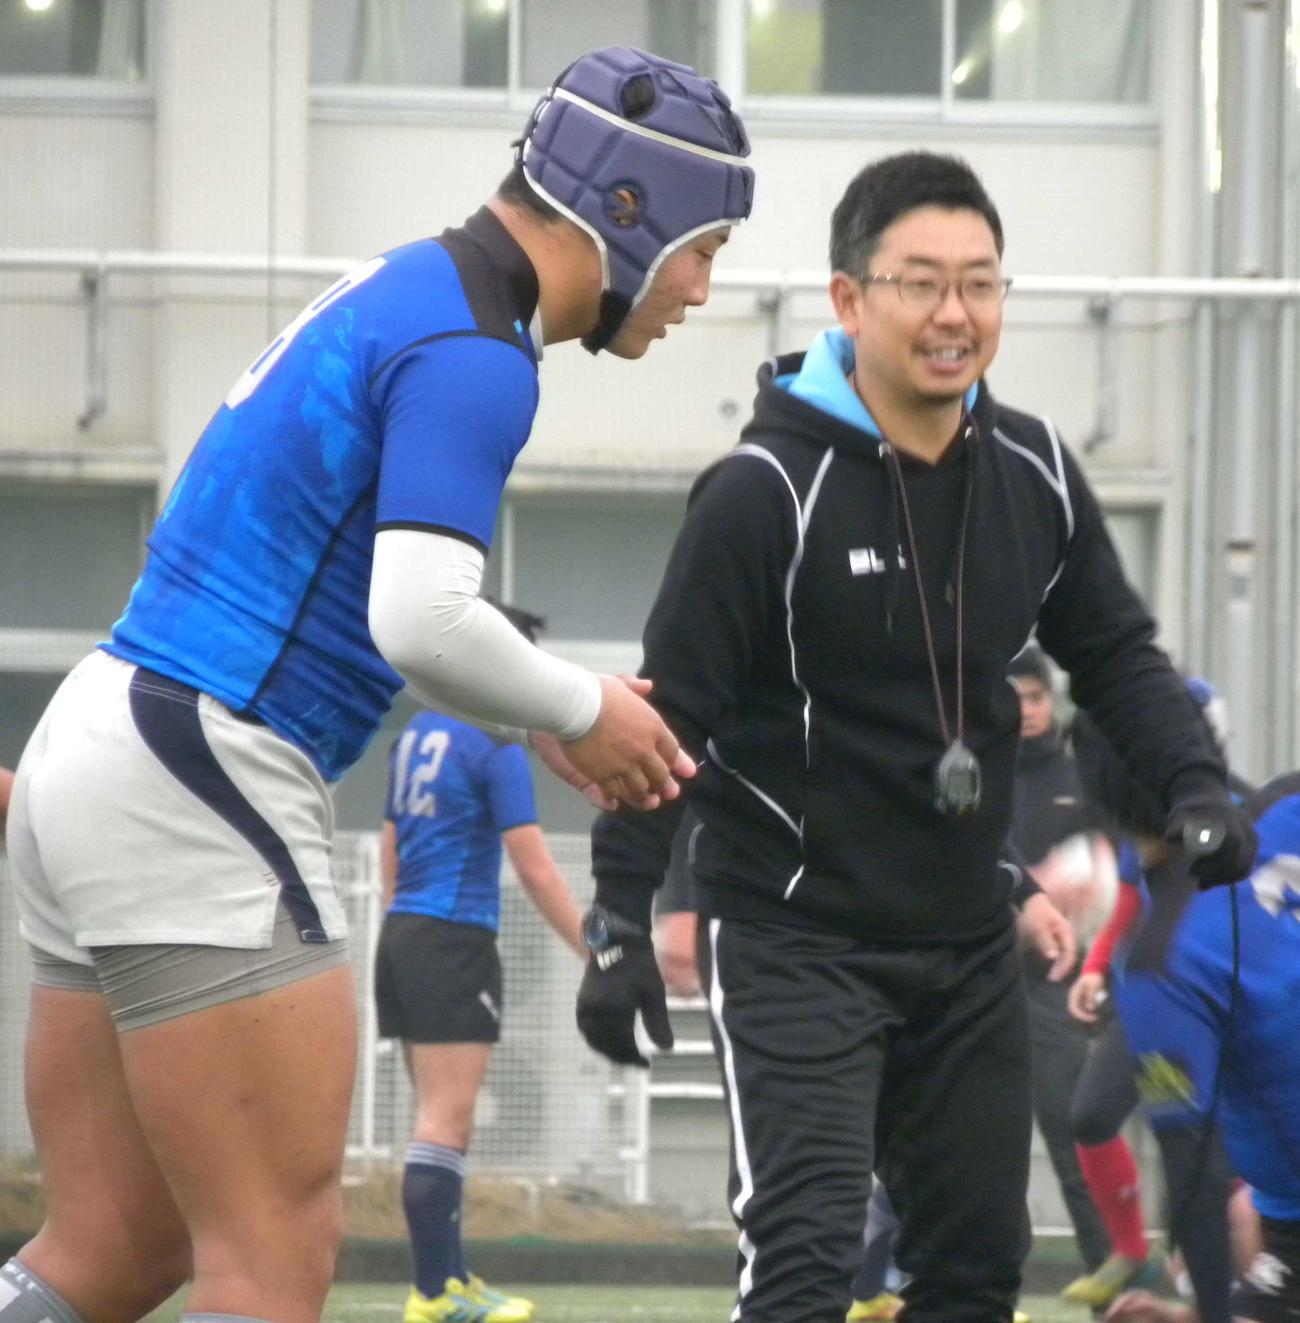 御所実の選手を指導するプロコーチの二ノ丸友幸氏(右)(撮影・松本航)